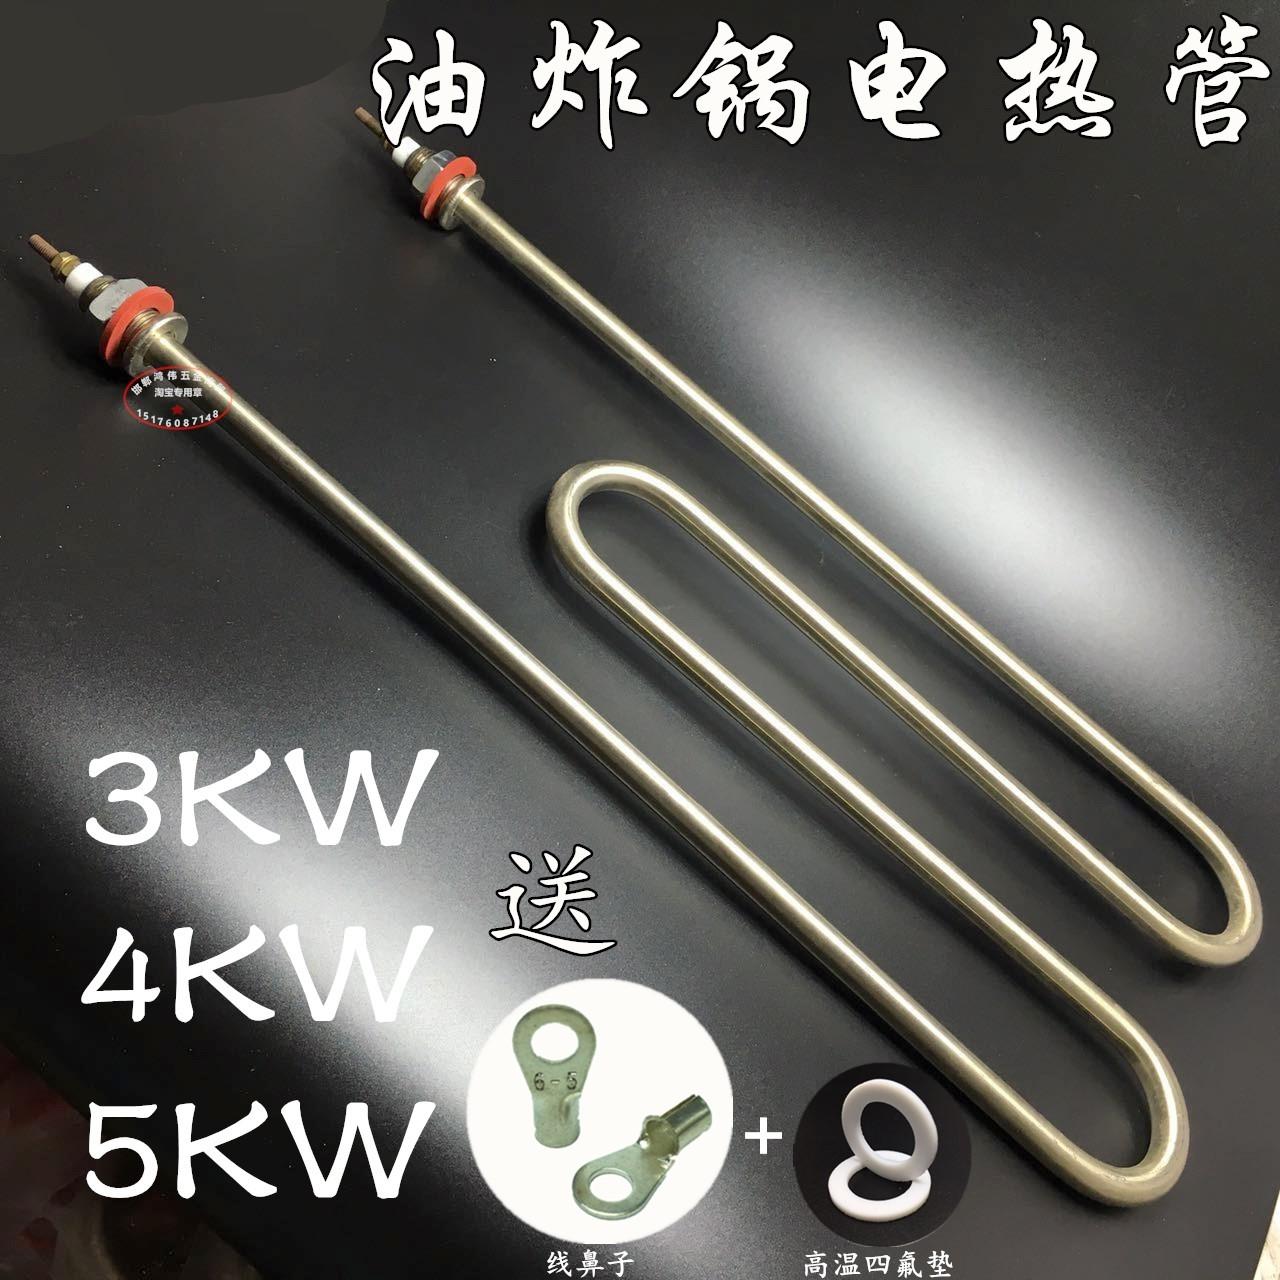 Tubo de acero inoxidable sartén eléctrica de 220V de tuberías de calefacción calefacción 3kW4KW desayuno frito de churros Bar tipo m w